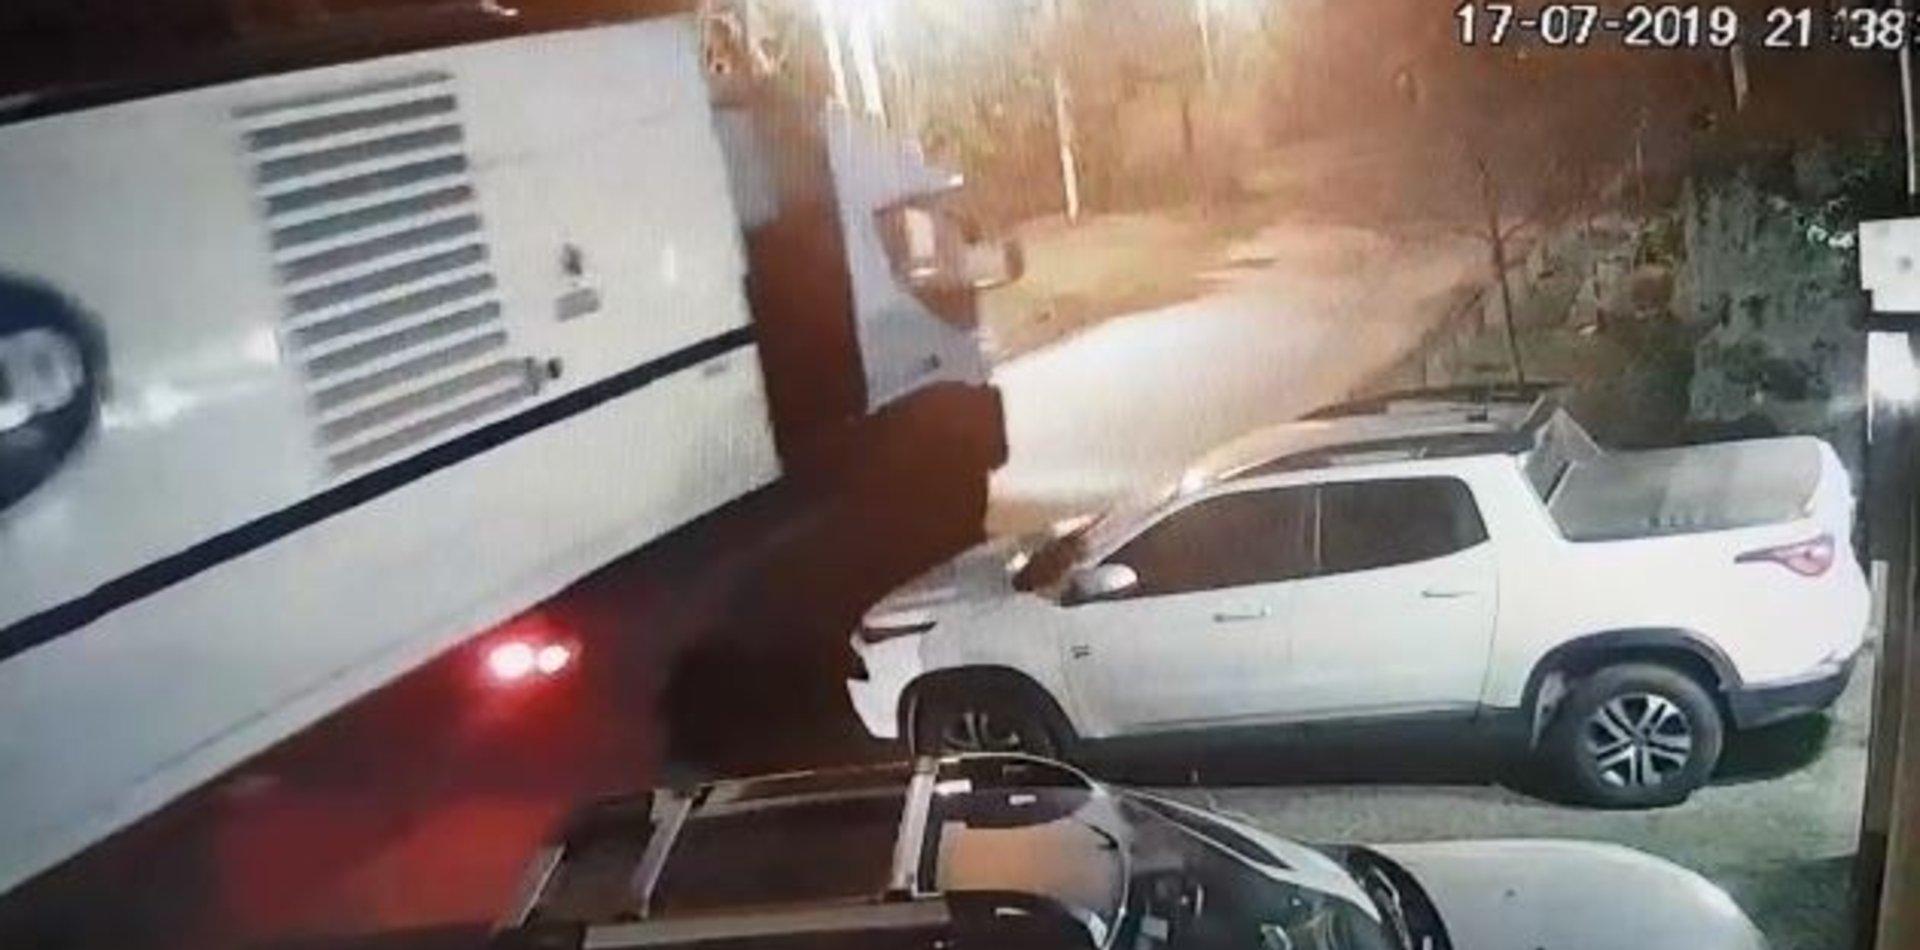 VIDEO: Un camión de Edelap enganchó un cable, tiró un poste y se fue como si nada